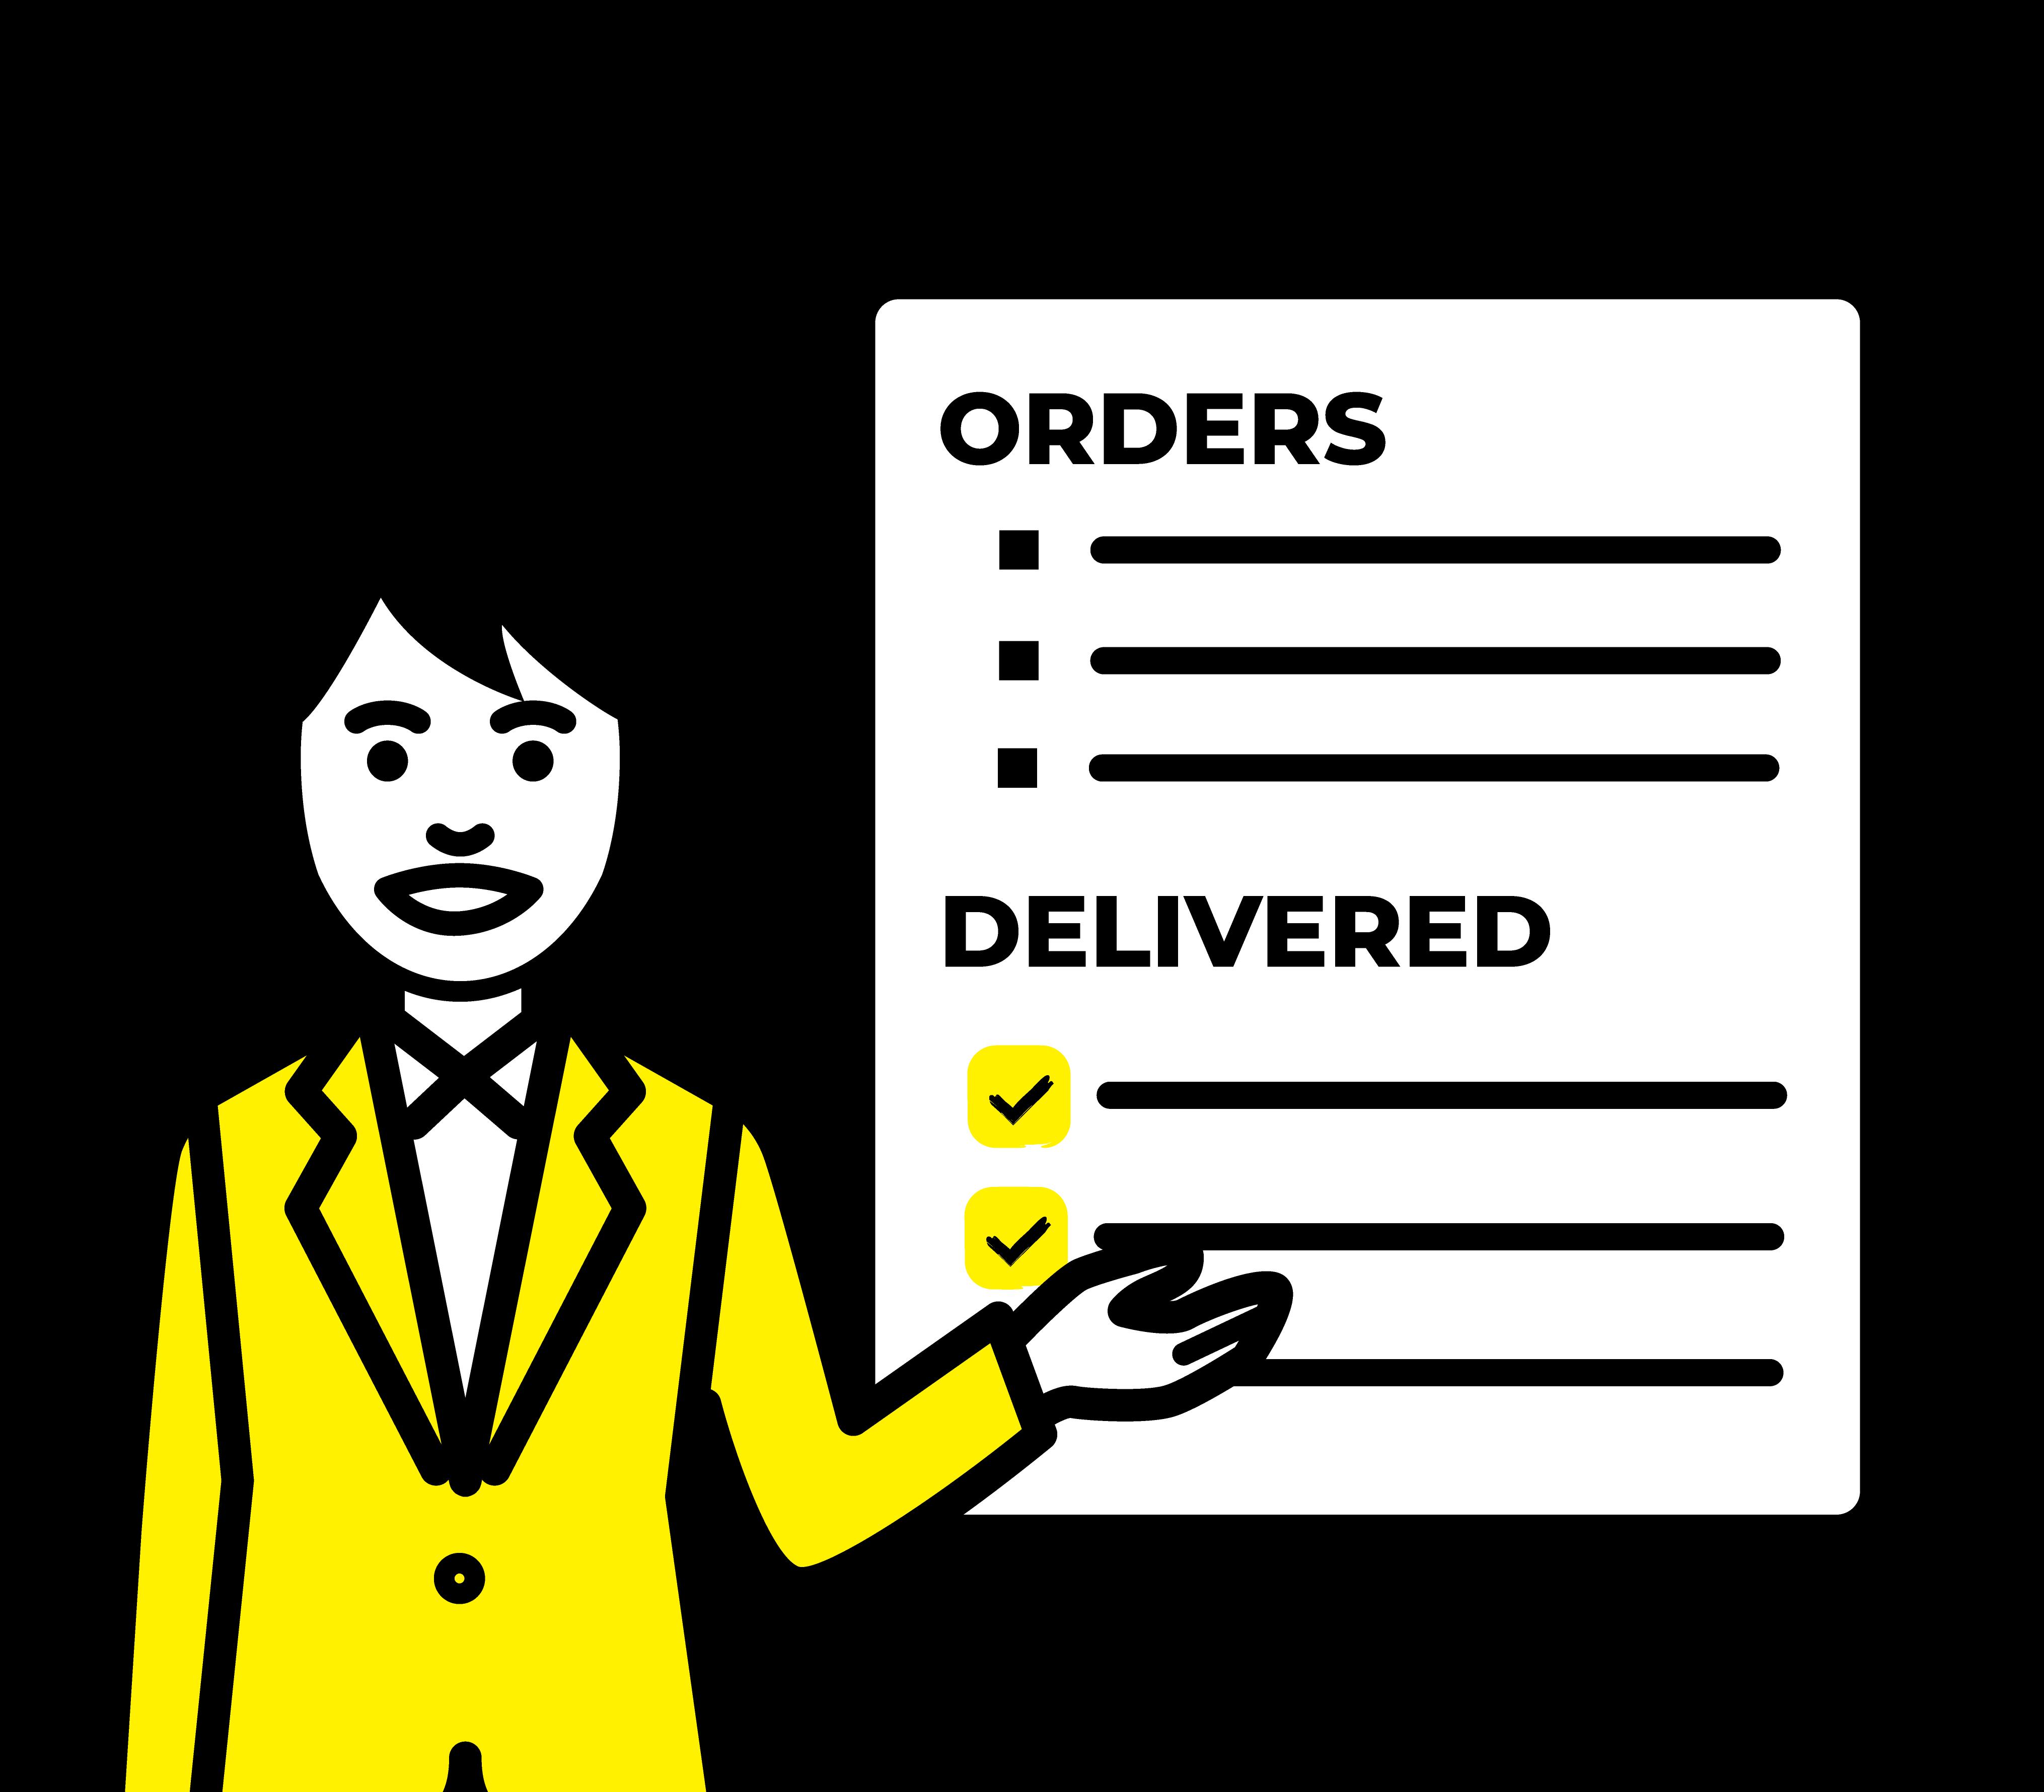 商品・注文の管理が楽にできる管理画面